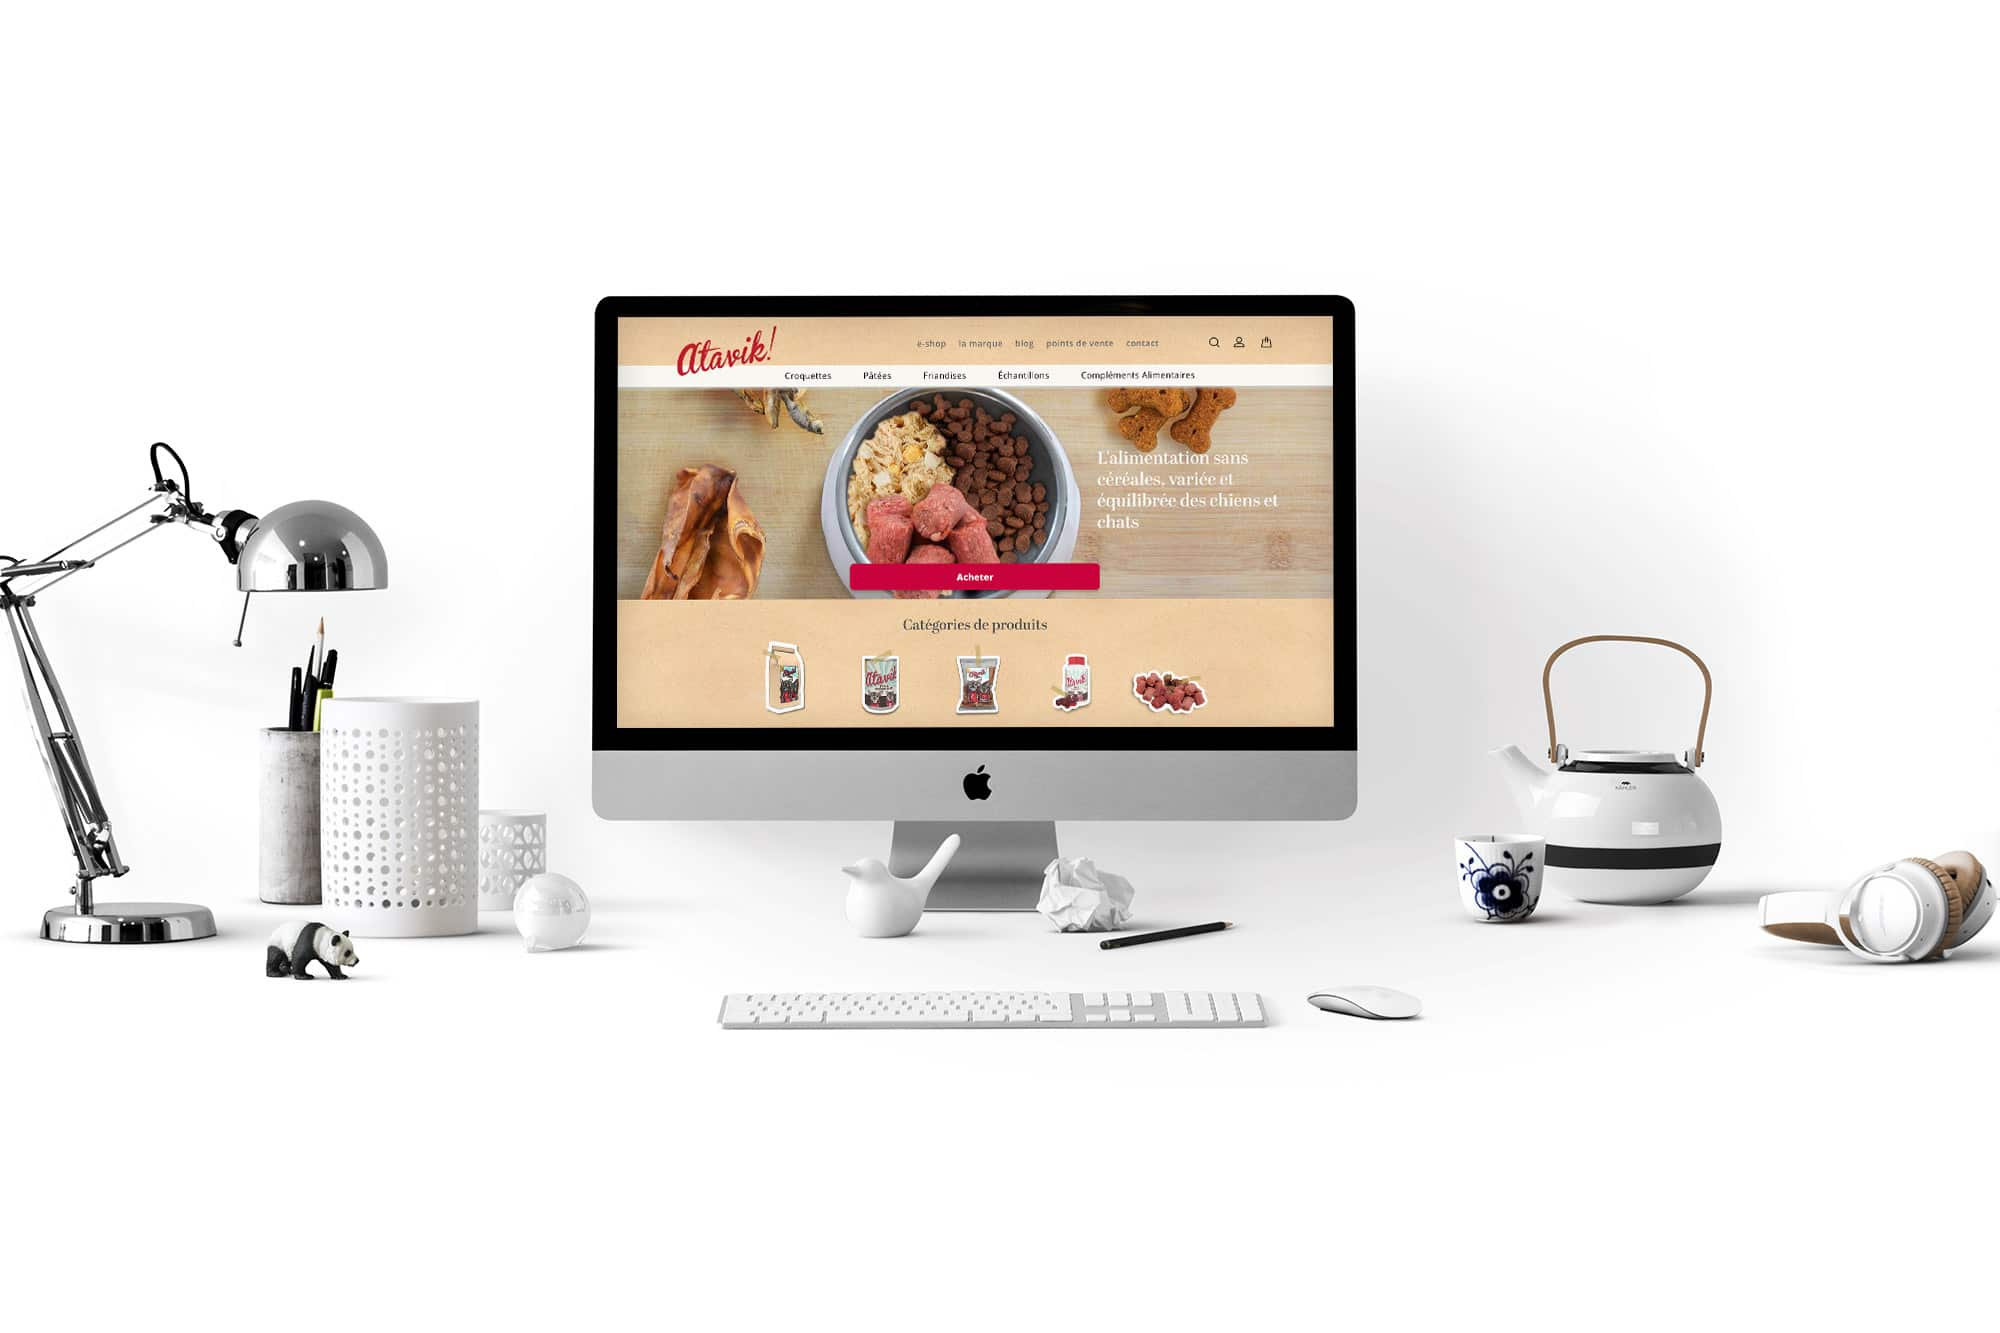 Desktop Atavik Référence Wapiti Agency